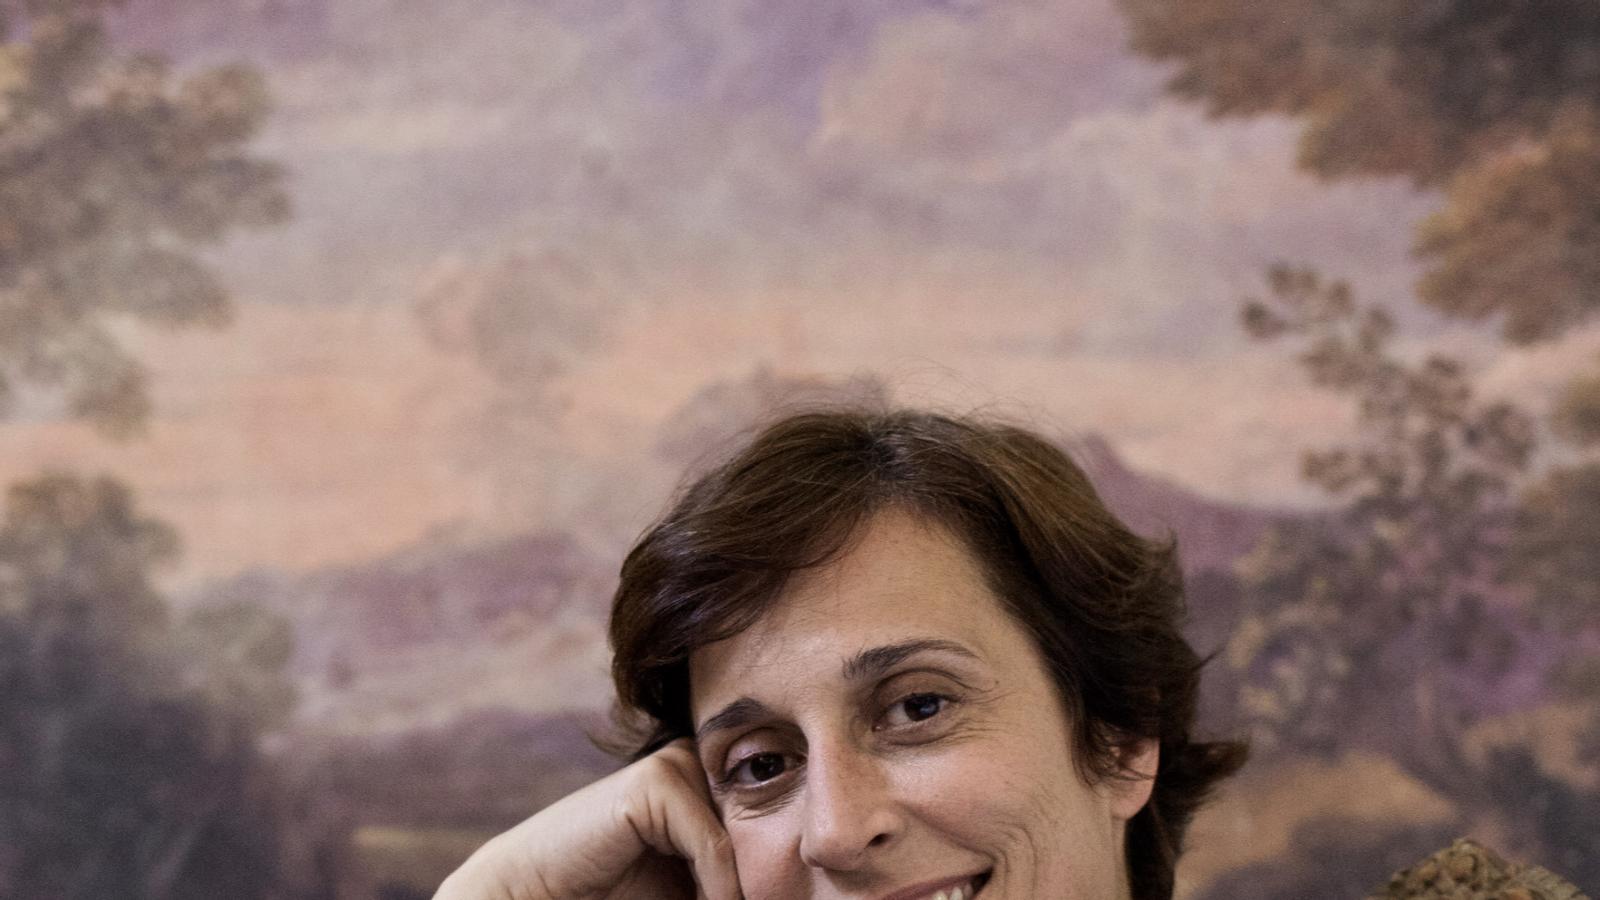 Clara Segura hot pics 90